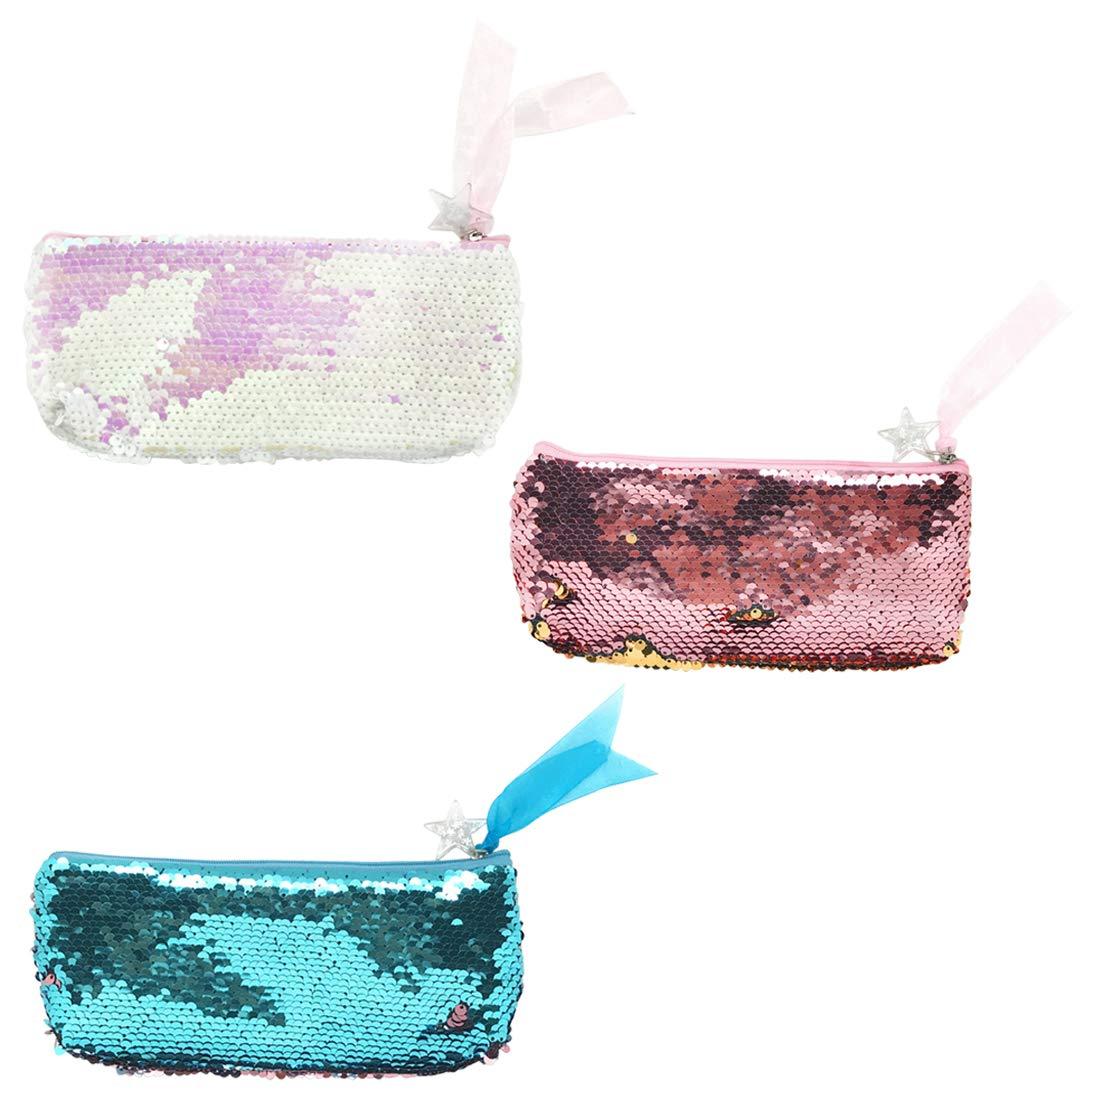 Mode Glitter Meerjungfrau Pailletten Federm/äppchen Kosmetiktasche Doppel Farbe Bleistift Taschen Mode Handtaschen Schreibwaren Tasche